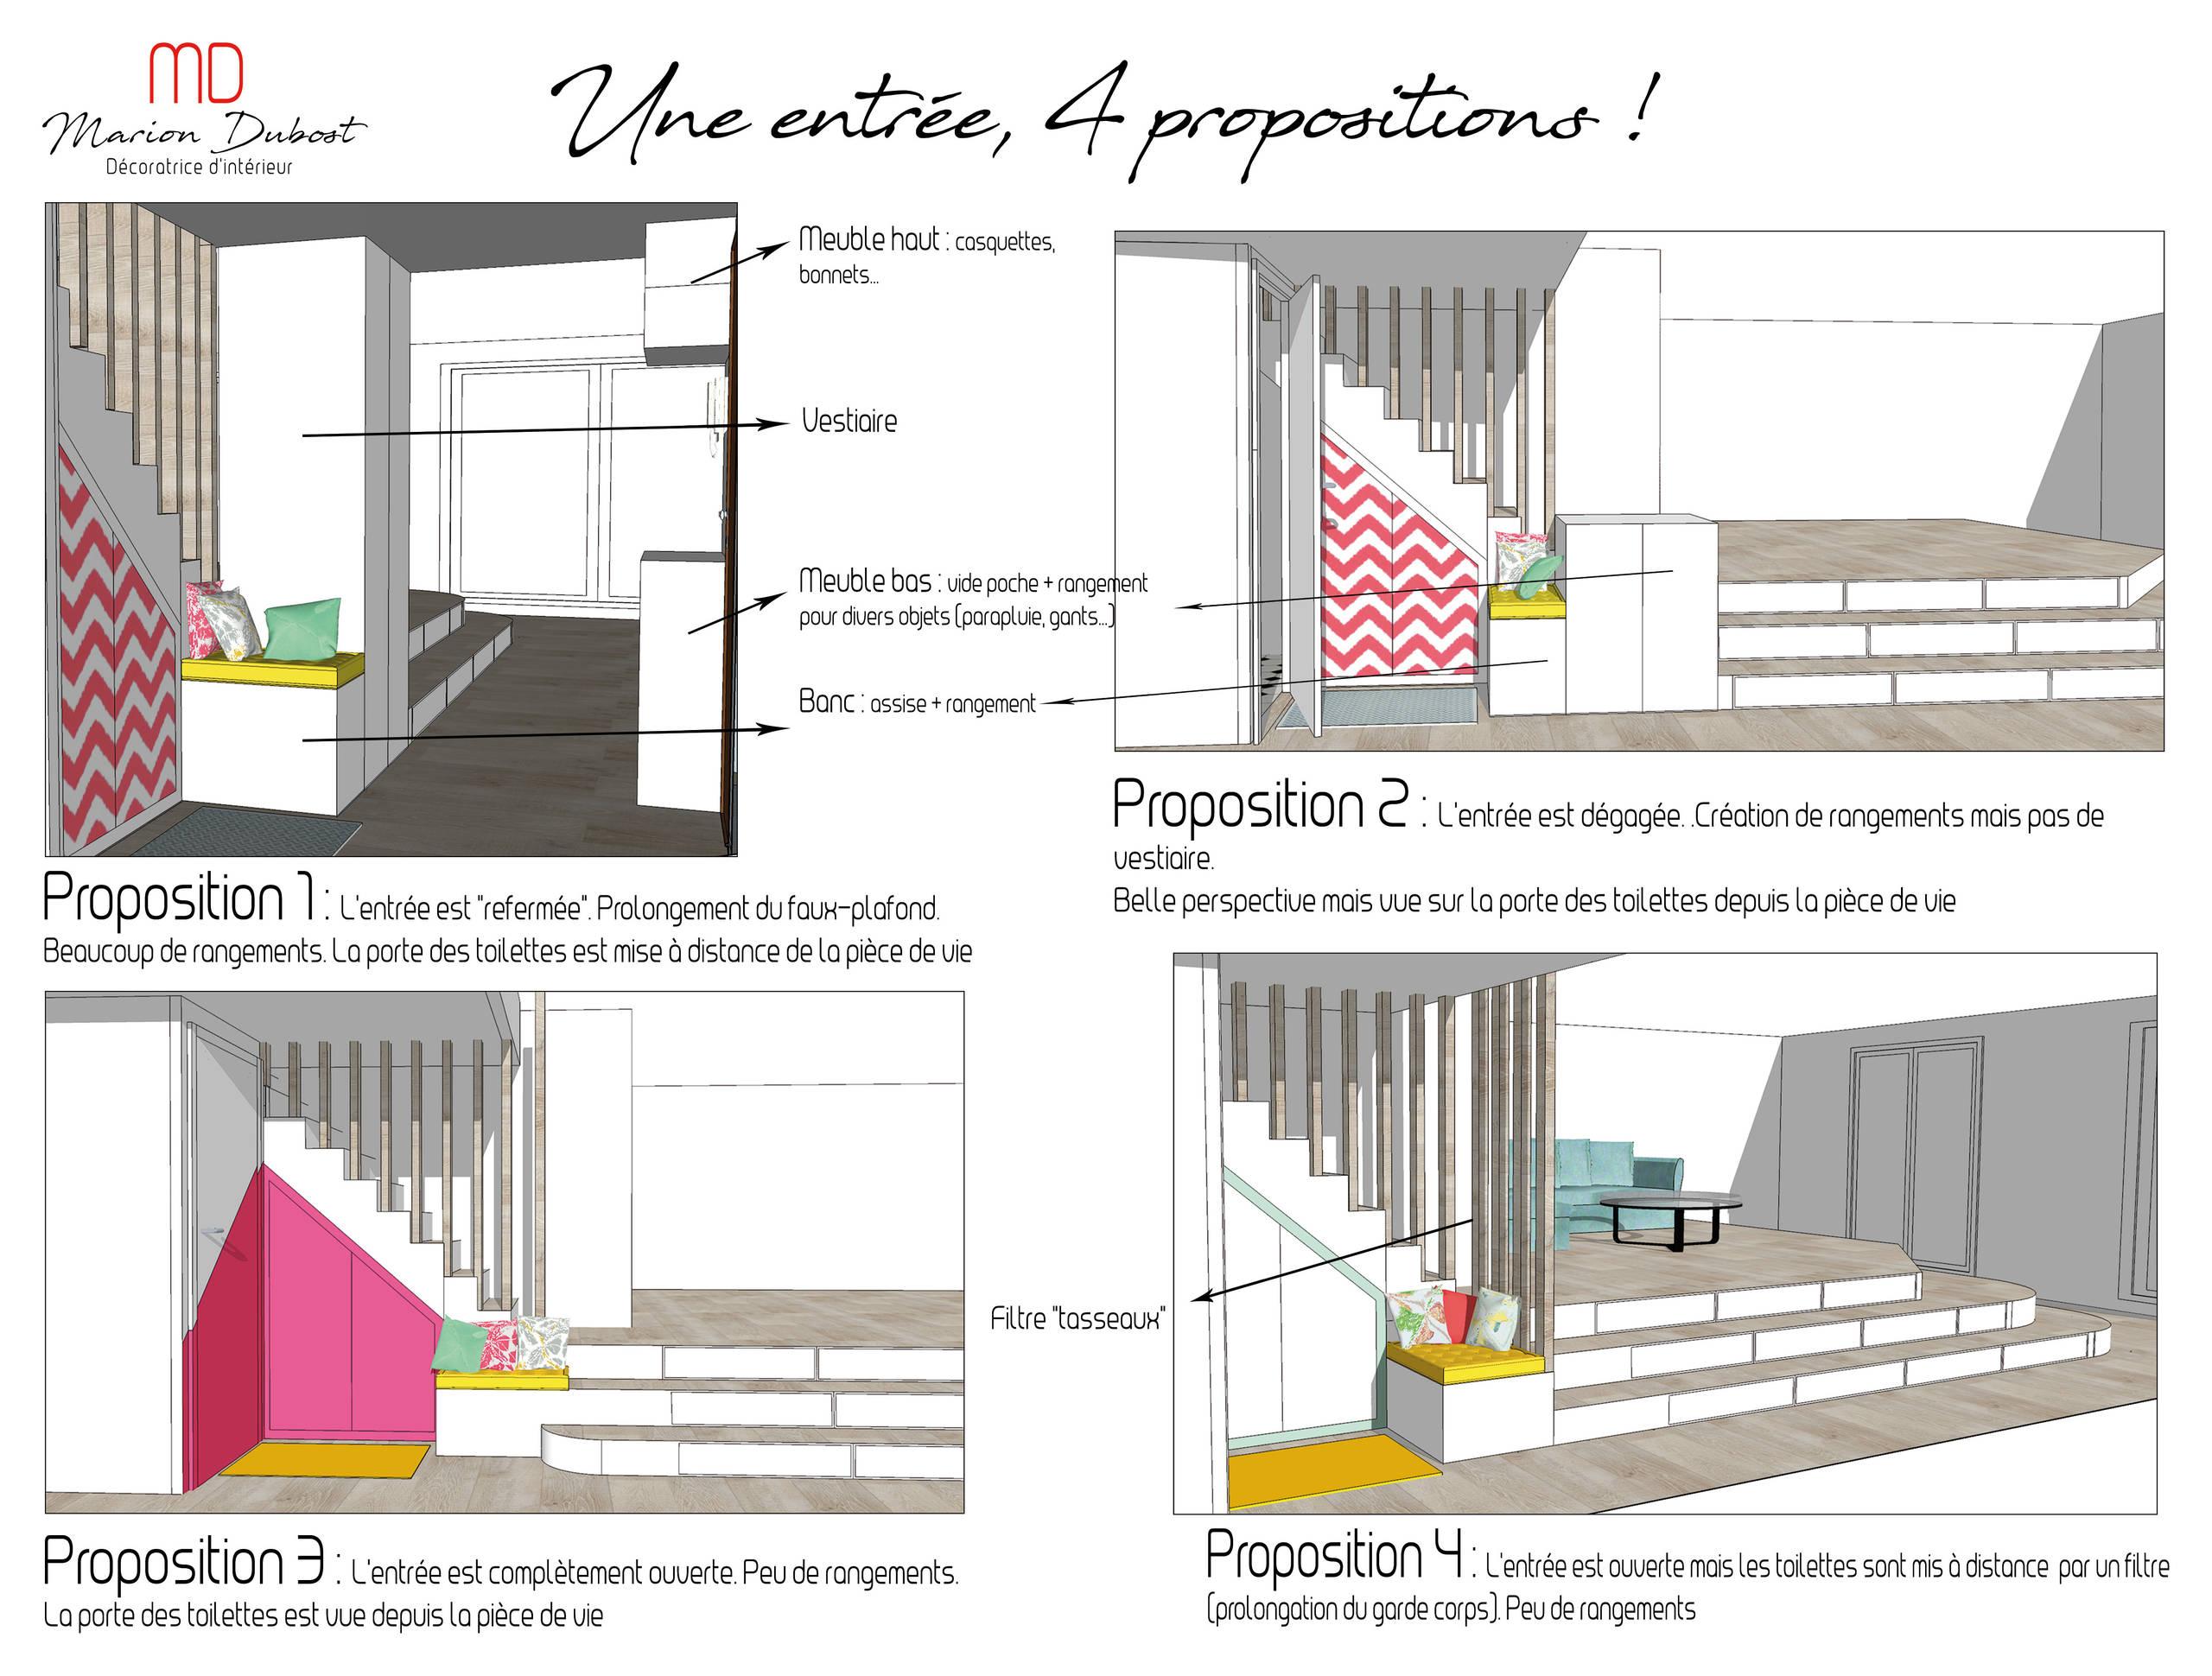 4 propositions d'aménagements pour une entrée